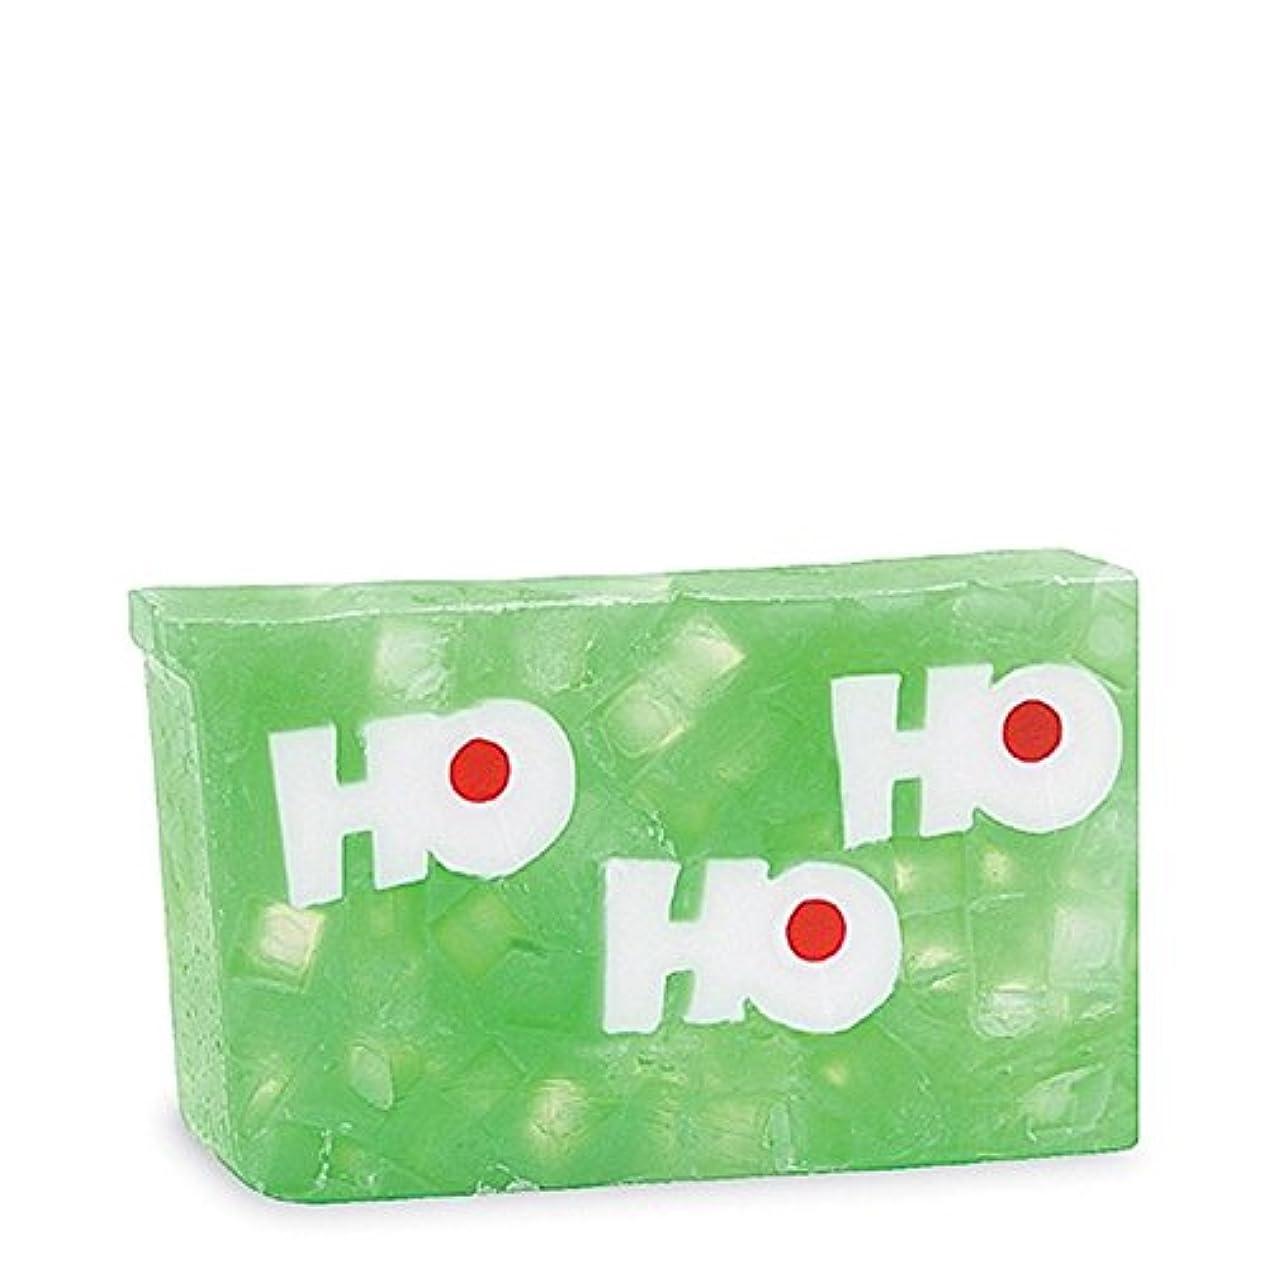 冗長上院理論Primal Elements Ho Ho Ho Soap - 原初の要素ホーホーホ石鹸 [並行輸入品]